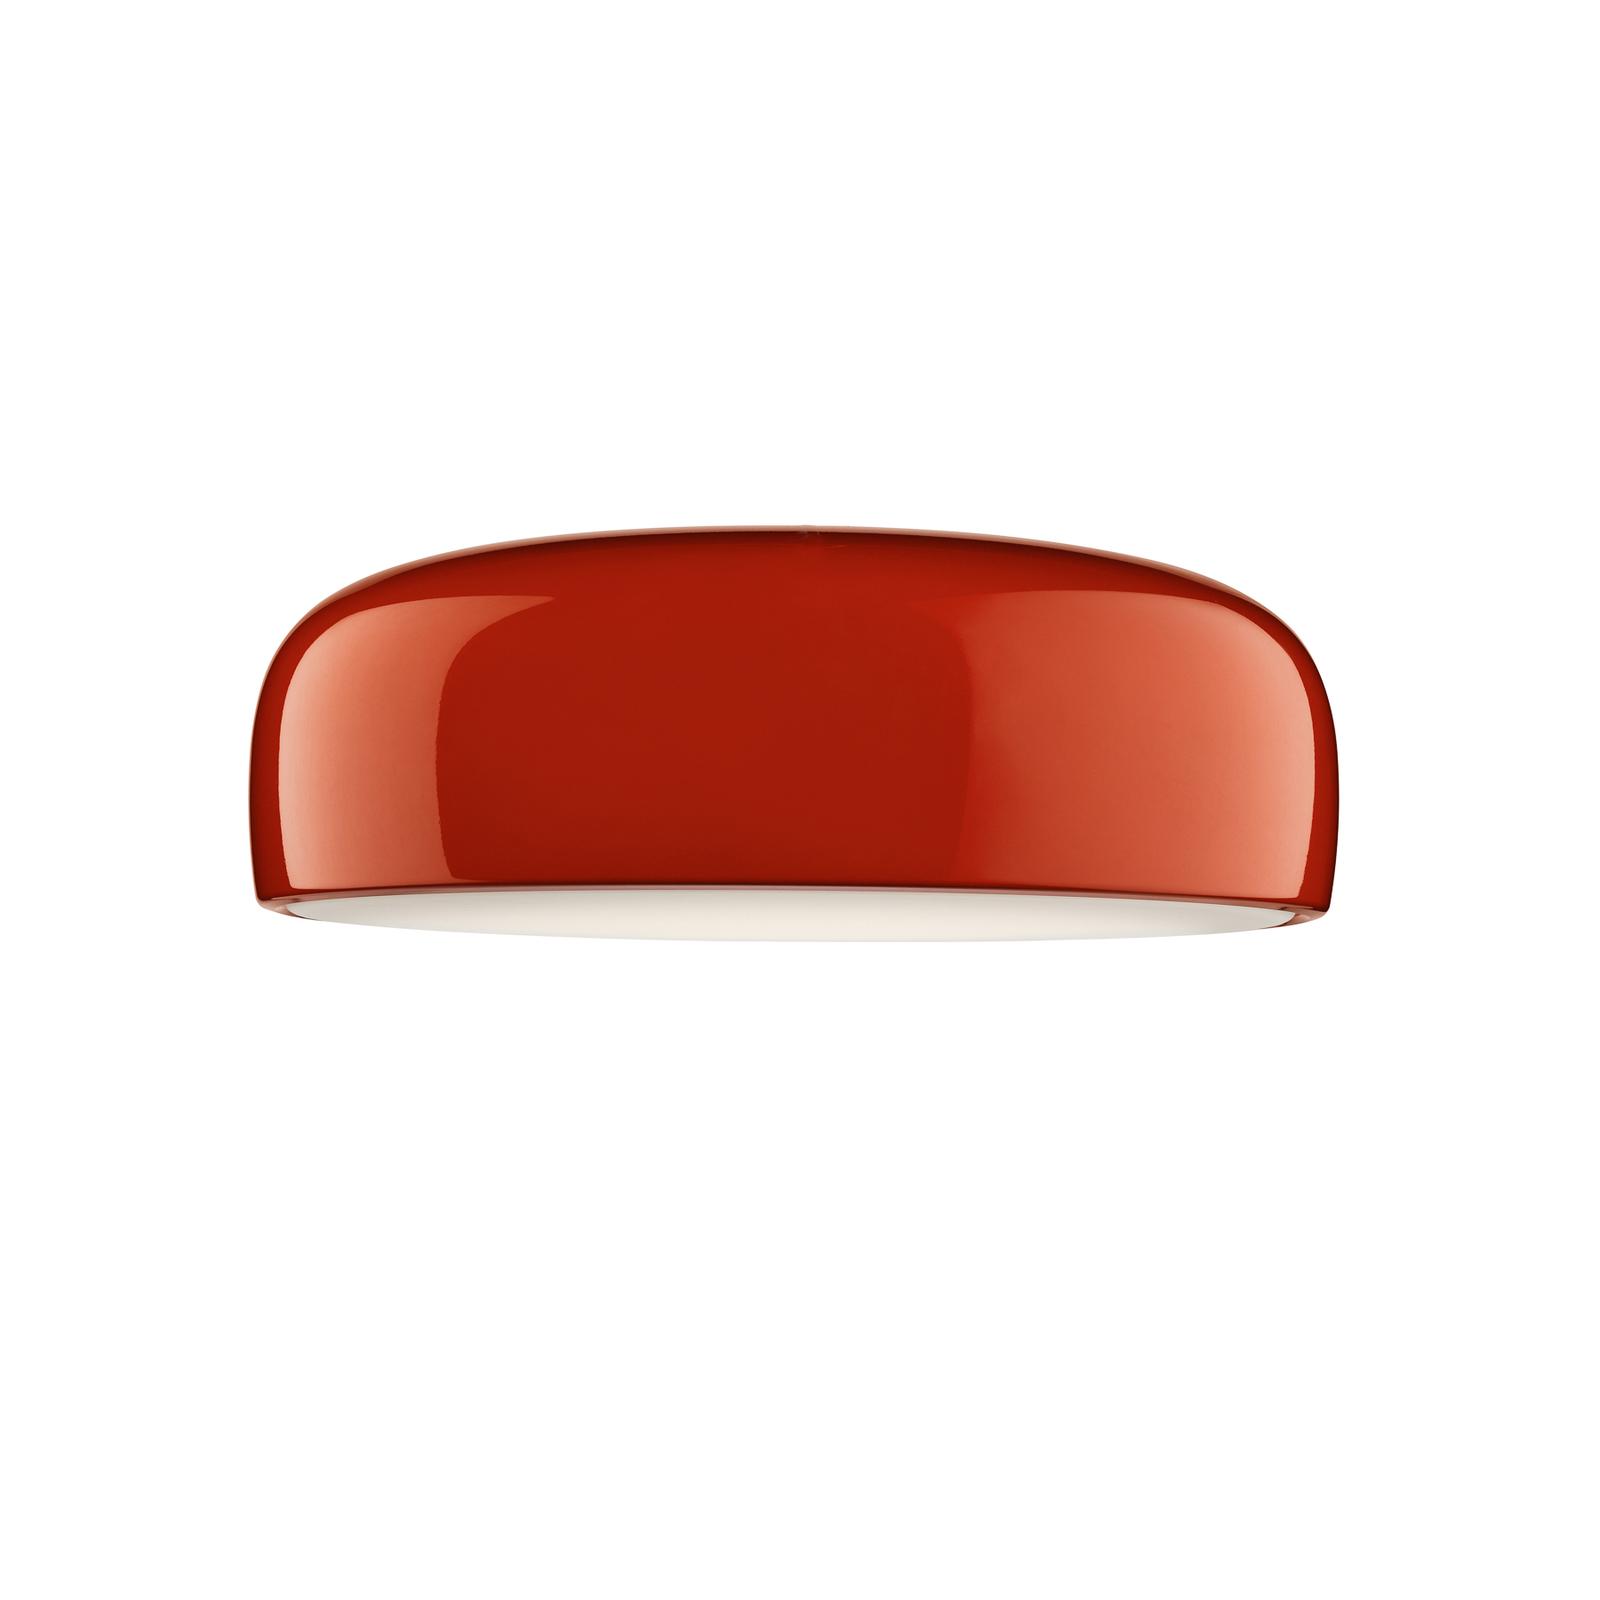 FLOS Smithfield C LED-loftlampe i rød